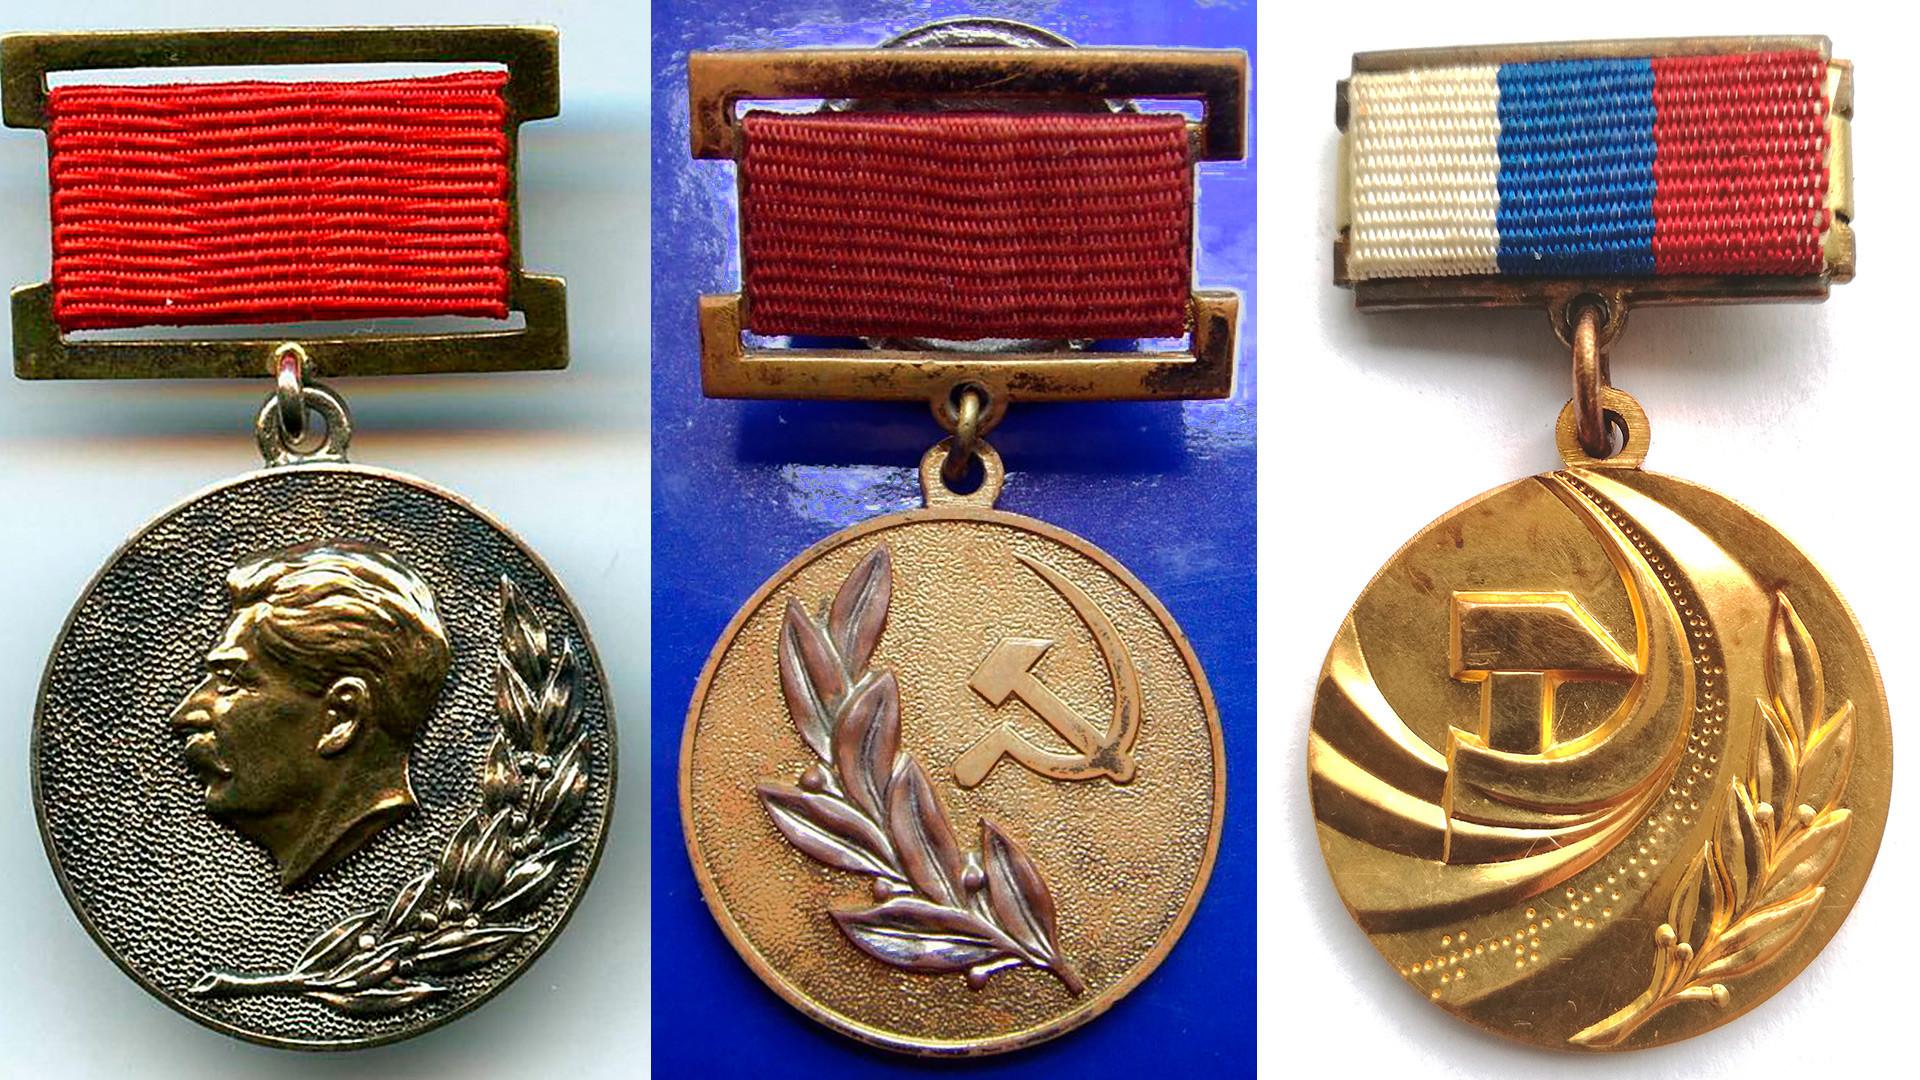 Medallas del Premio del Estado (de la izq. a la der.): Stalin, de la URSS y de la Federación Rusa.